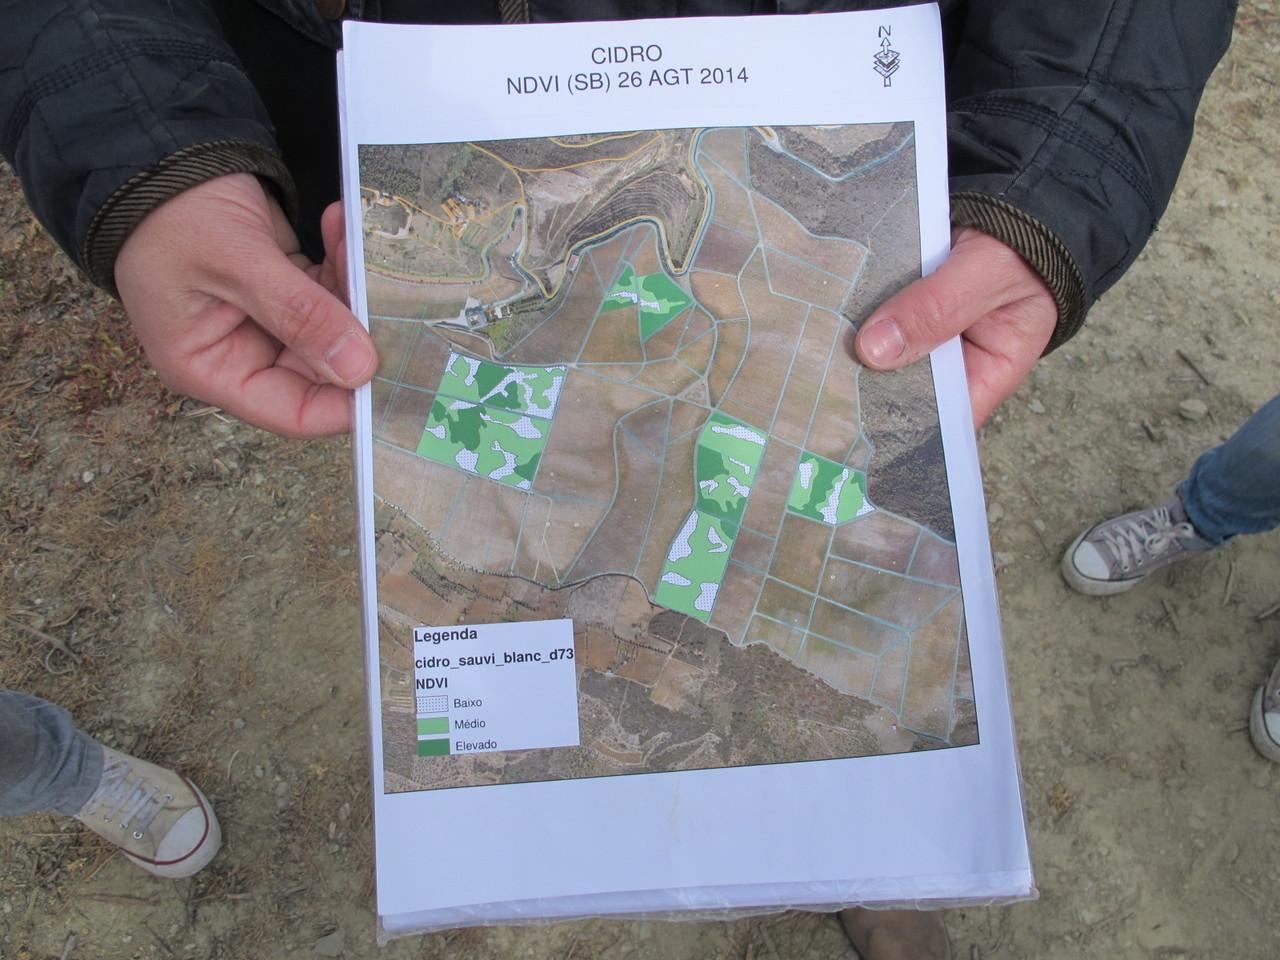 Mapa de vigor das cepas de Sauvignon Blanc